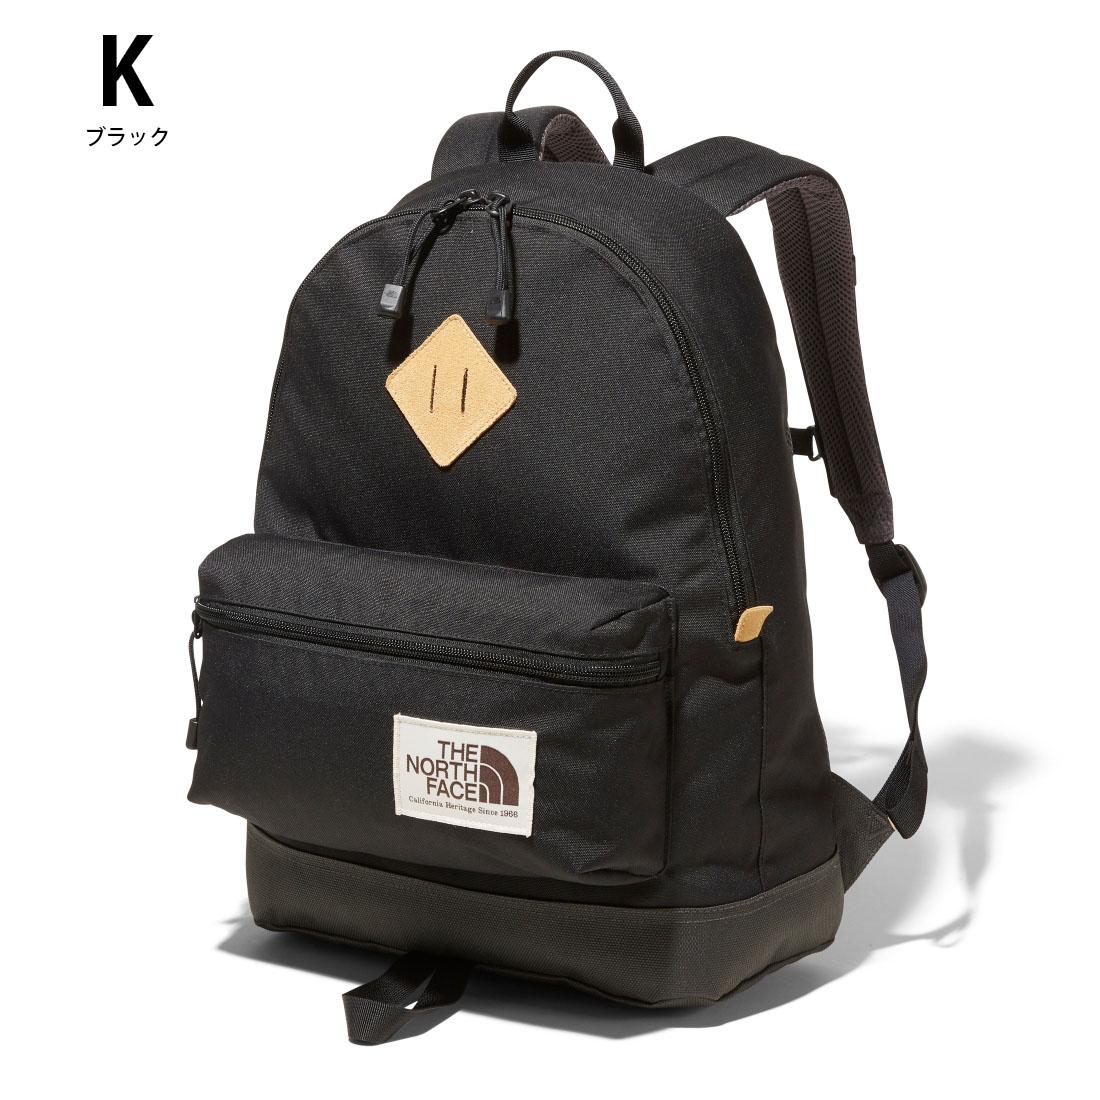 ノースフェイス THE NORTH FACE【送料無料】 K Berkeley Mini(7L)/バークレー バックパック リュック メール便不可 NMJ71752